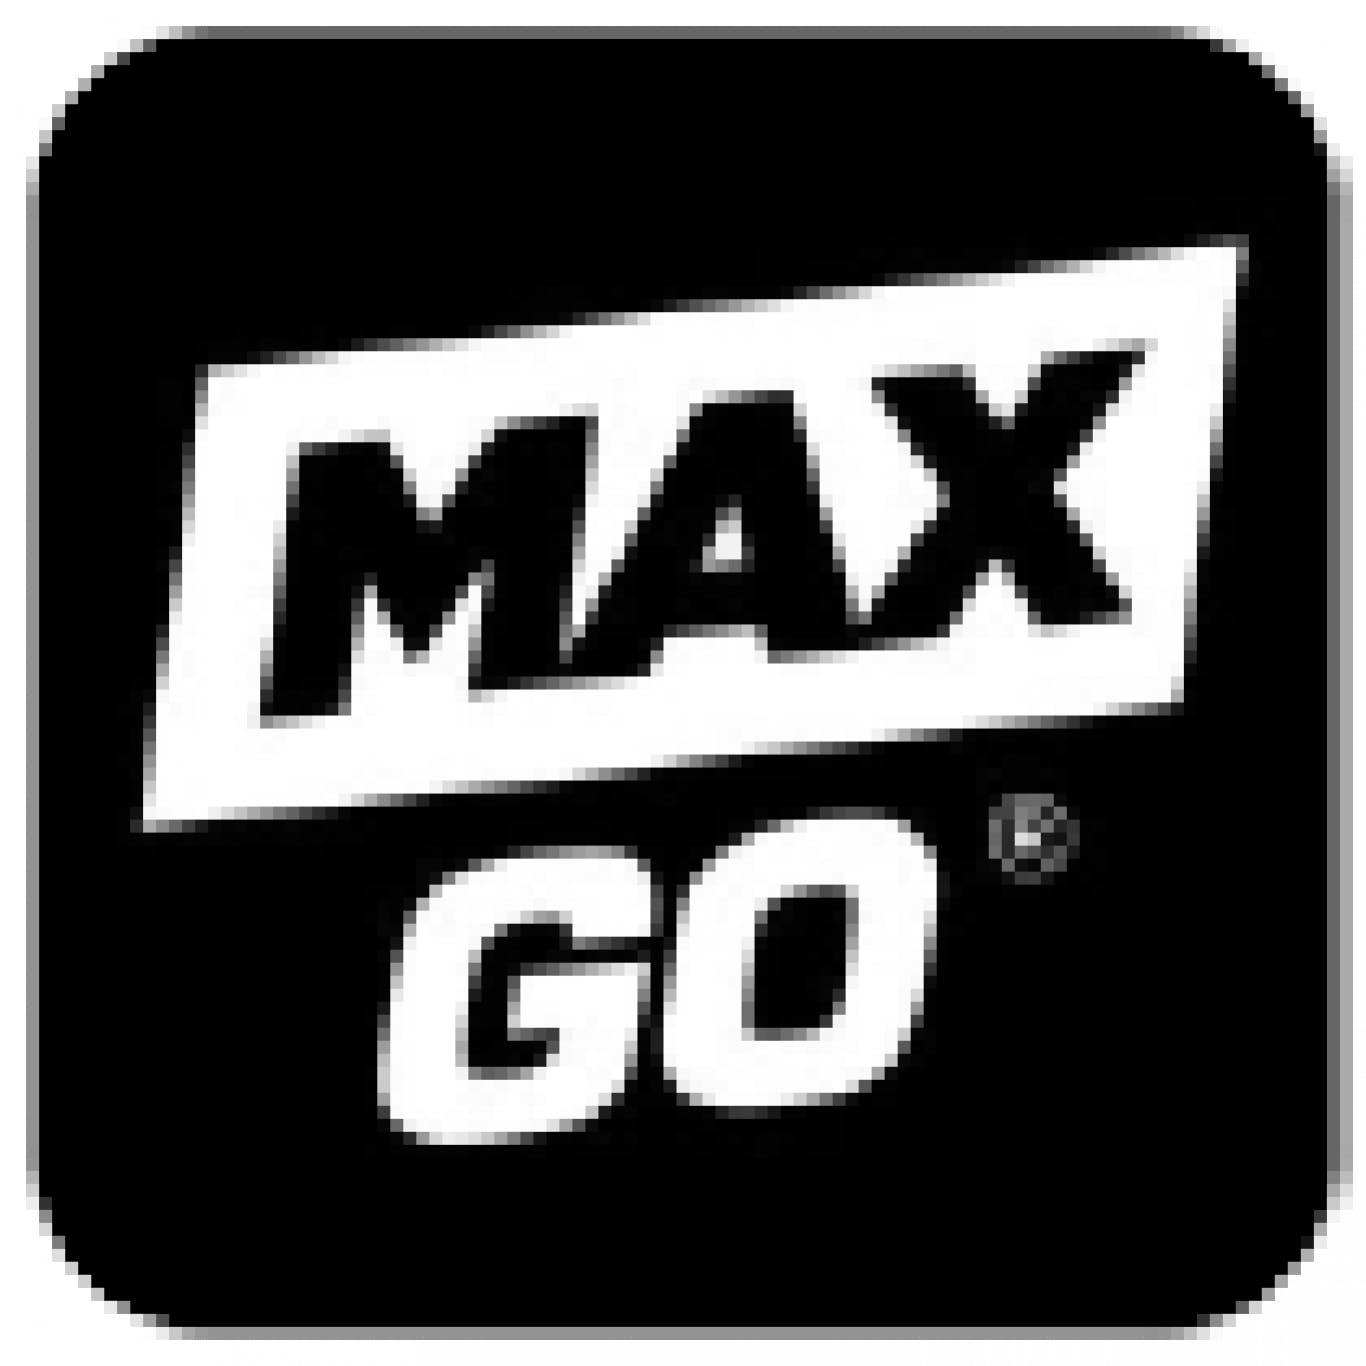 maxgo